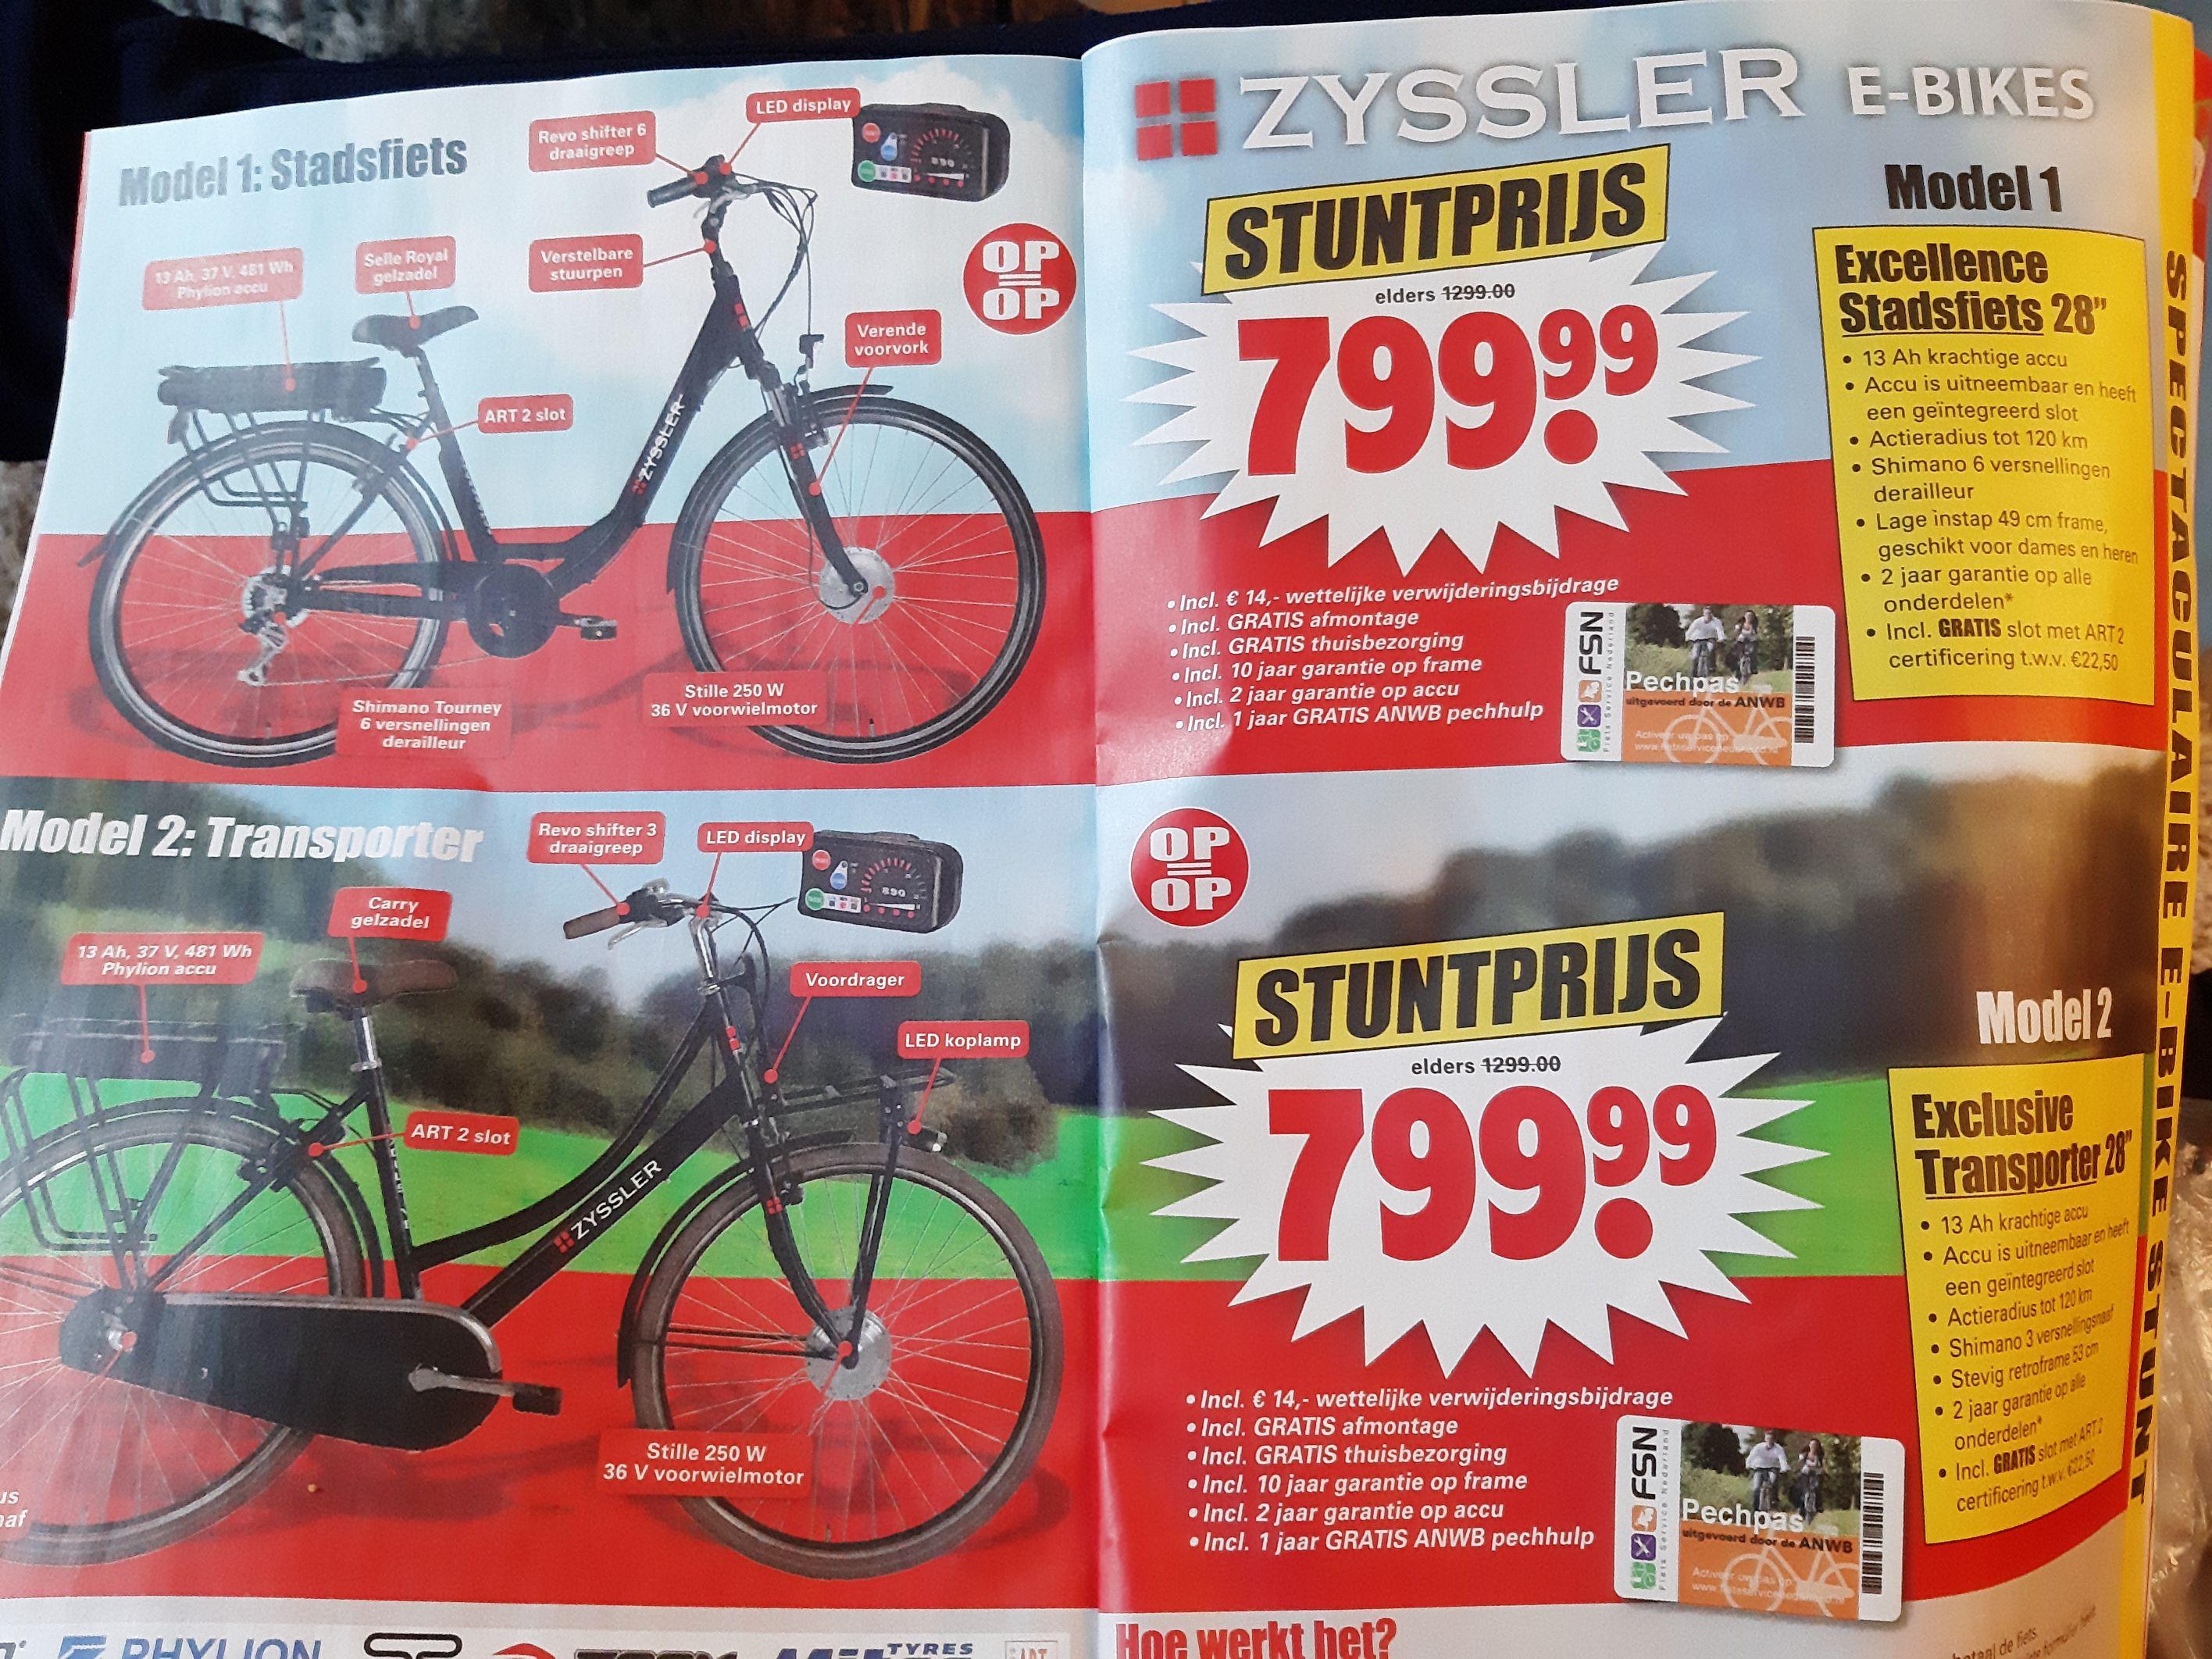 Zyssler e bikes nu ook bij Dirk supermarkt